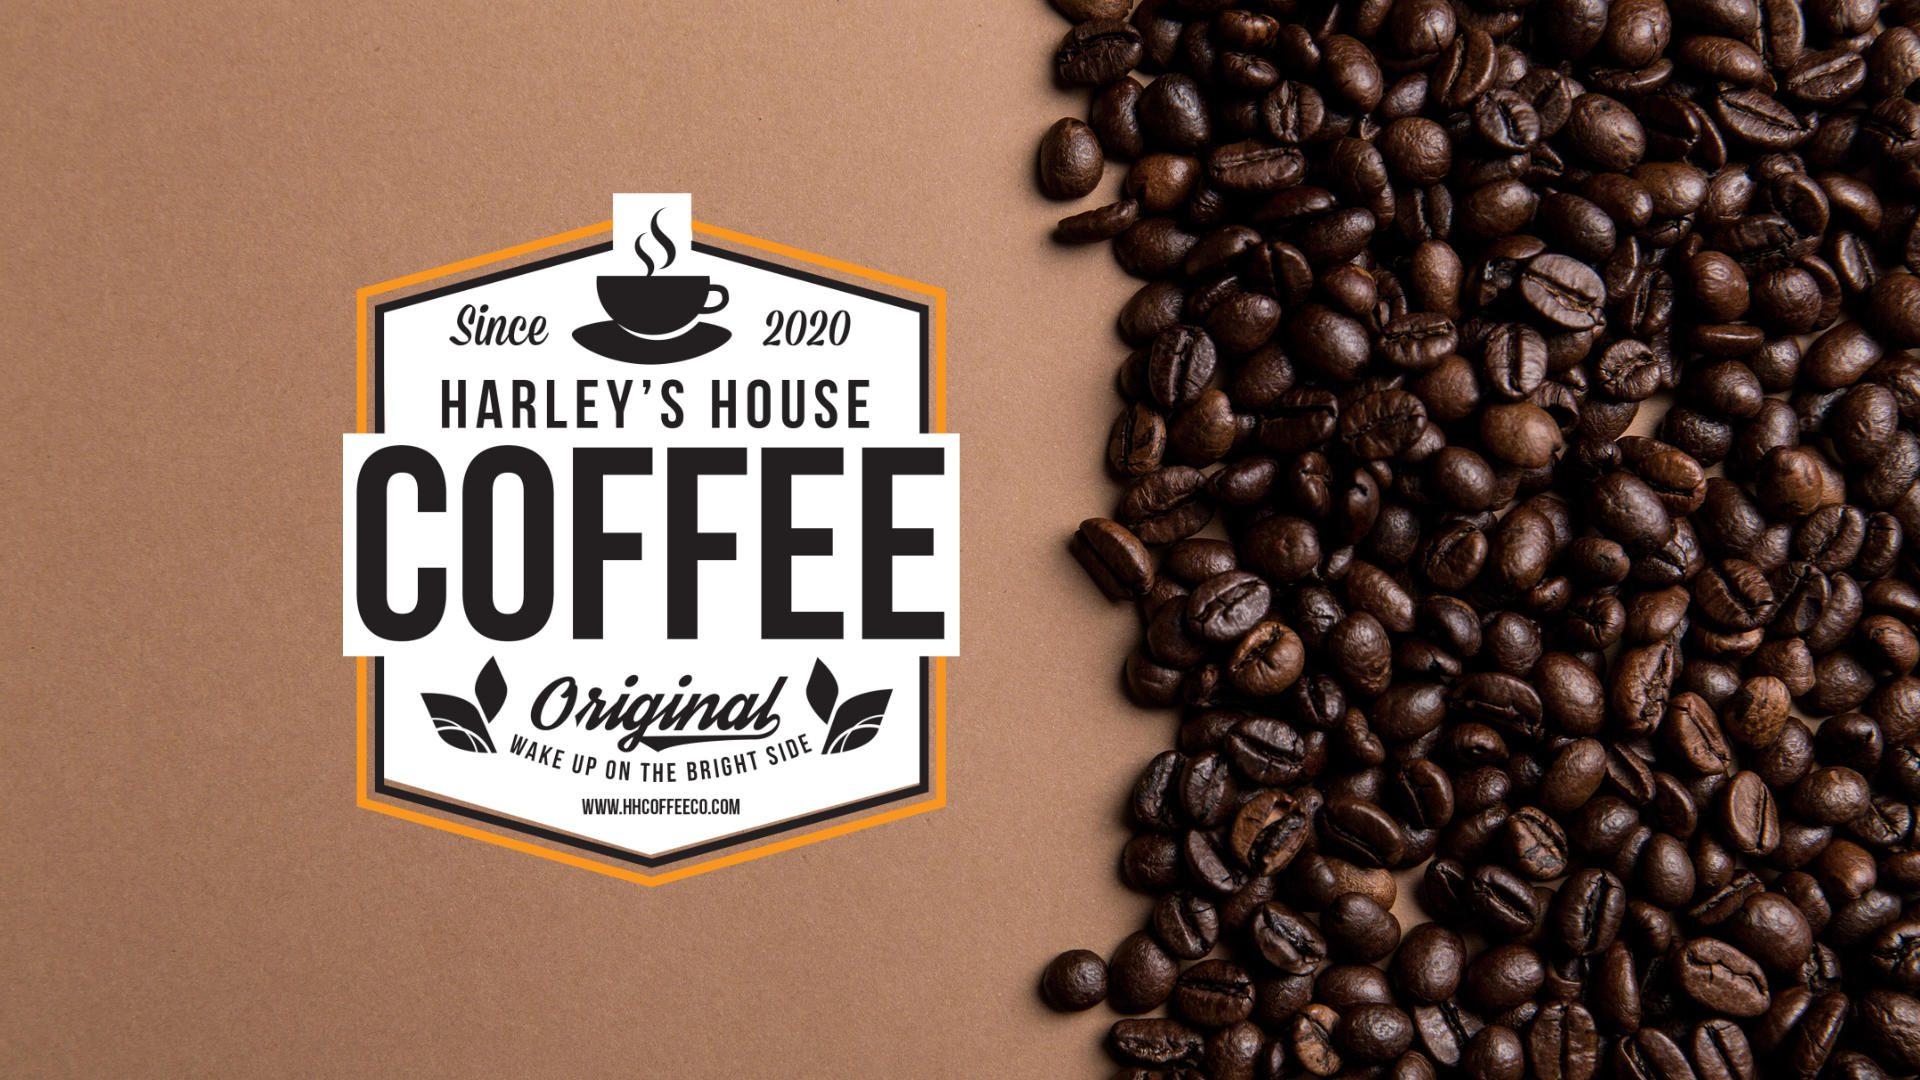 Harley's House Coffee